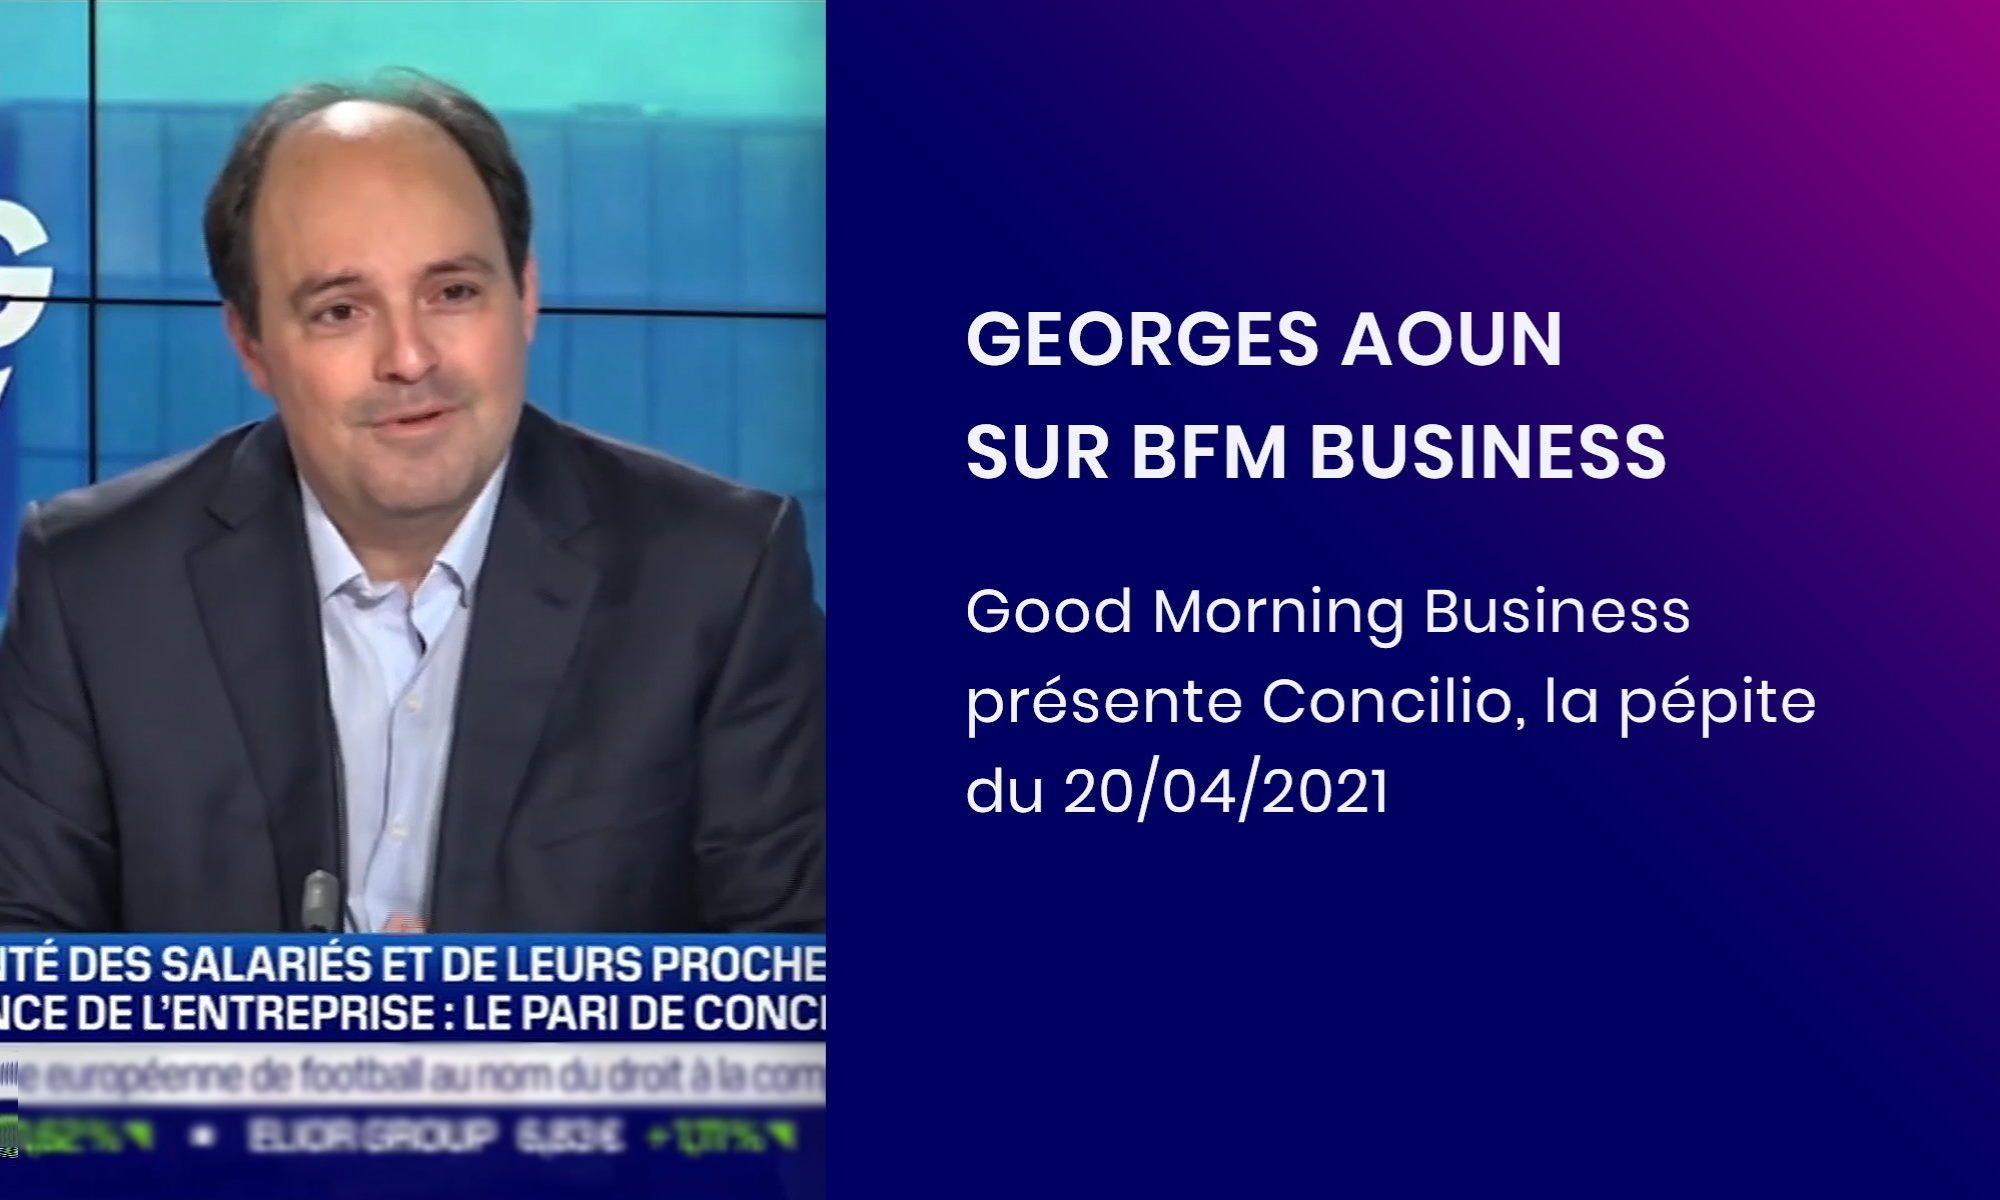 """Georges Aoun en interview sur BFM Business dans l'émission """"La pépite"""" 20042021"""